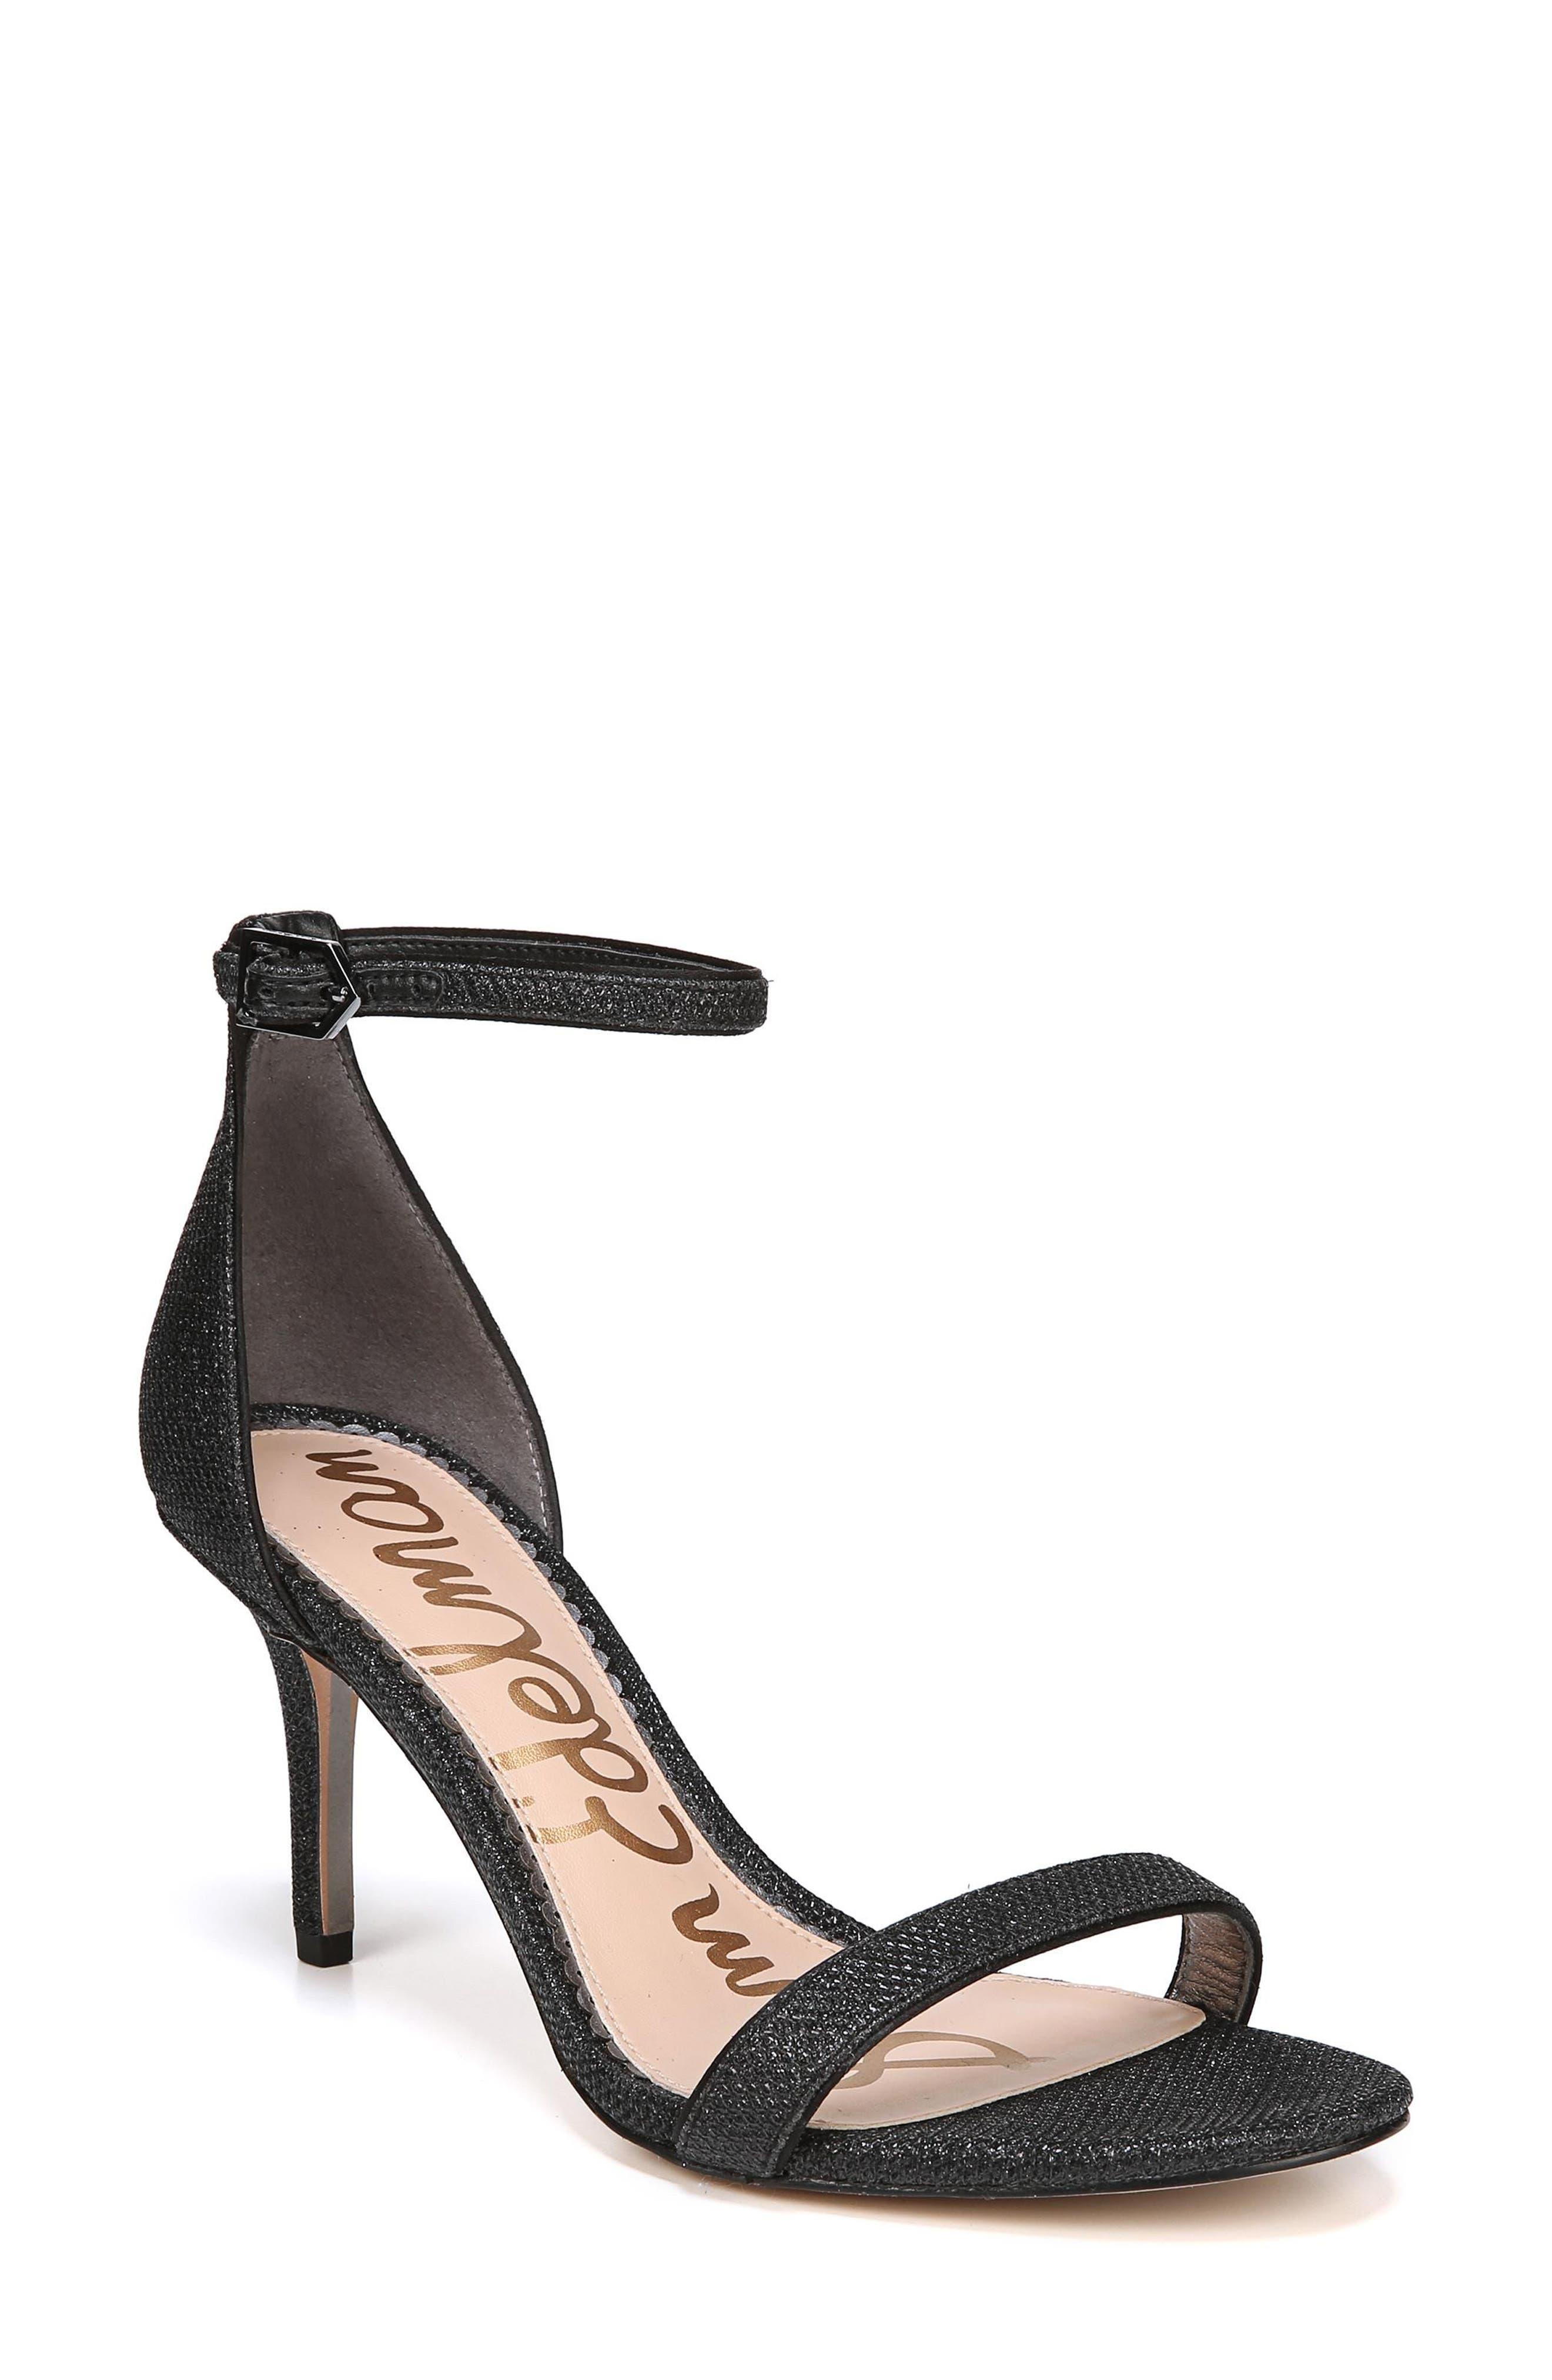 'Patti' Ankle Strap Sandal, Main, color, 003